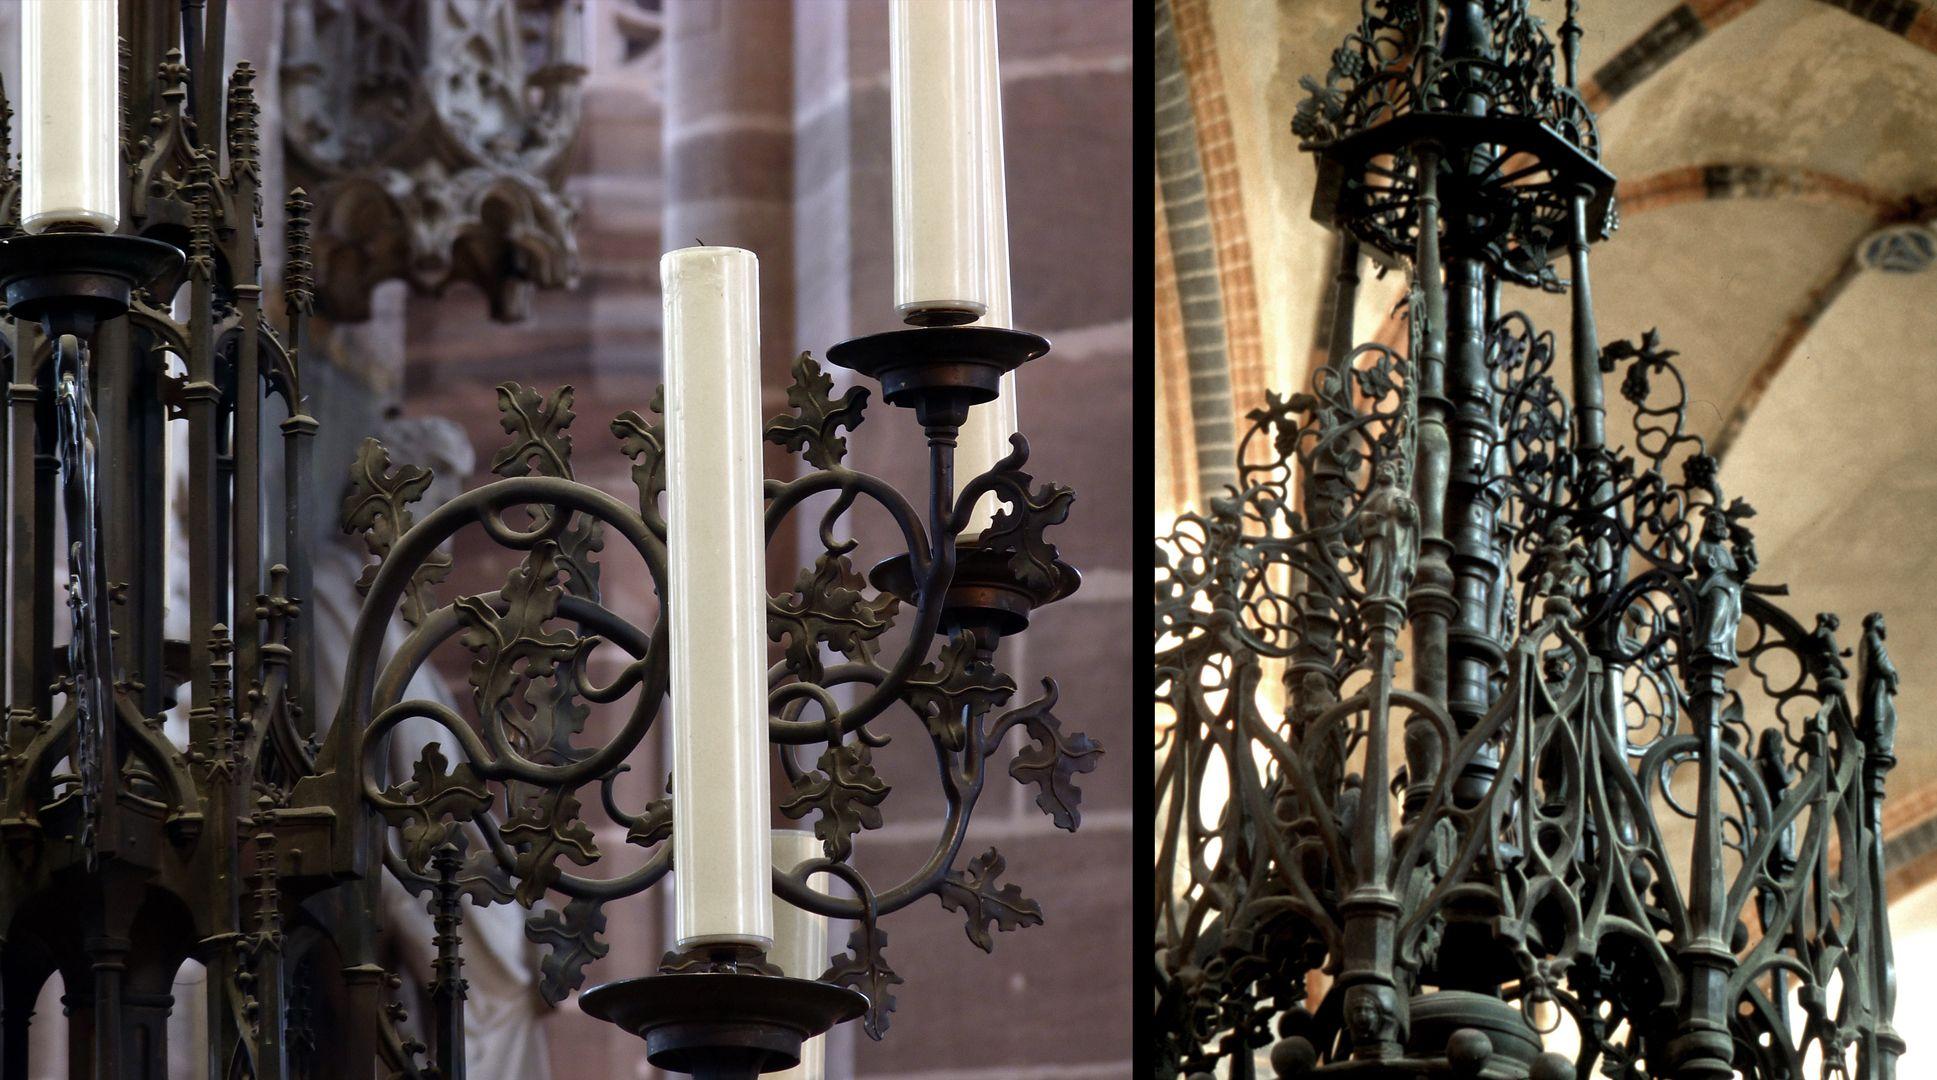 Taufe links: Leuchter von St. Lorenz in Nürnberg, rechts: Detail vom Baldachin